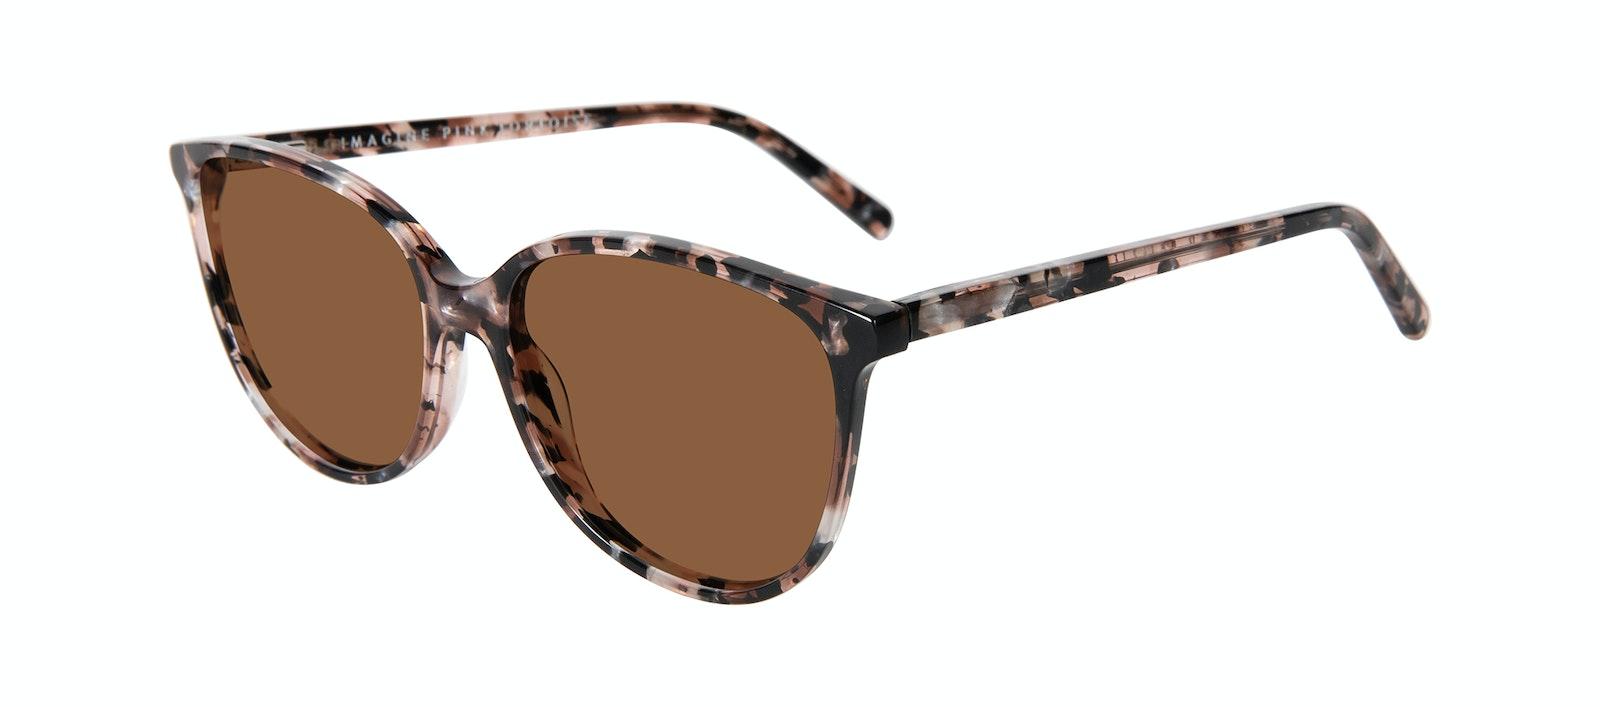 Affordable Fashion Glasses Cat Eye Sunglasses Women Imagine Pink Tortoise Tilt